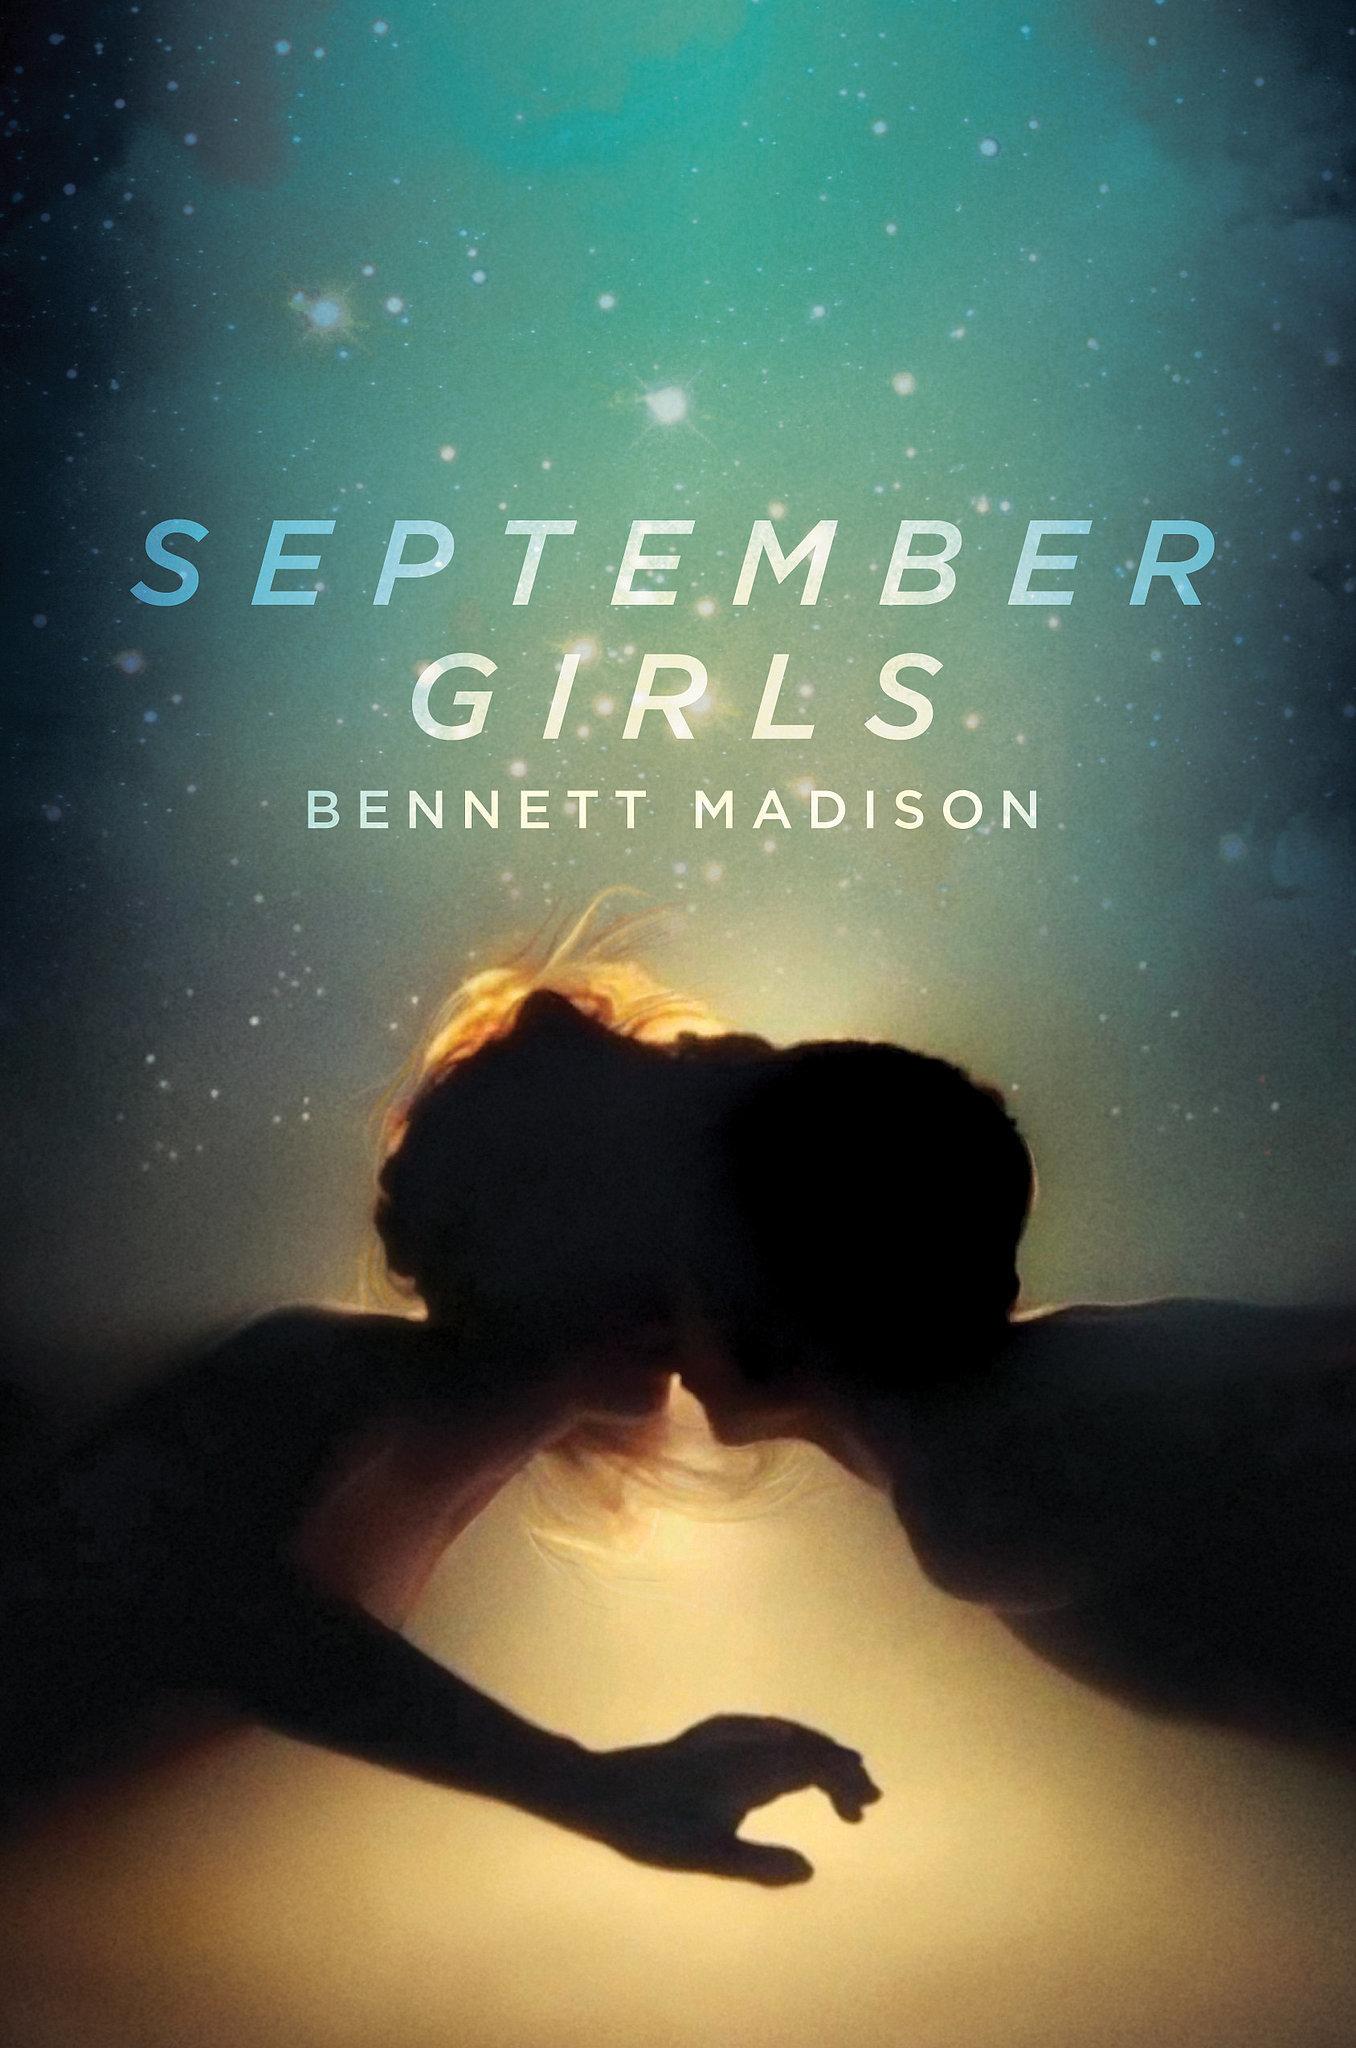 September Girls (The Little Mermaid)